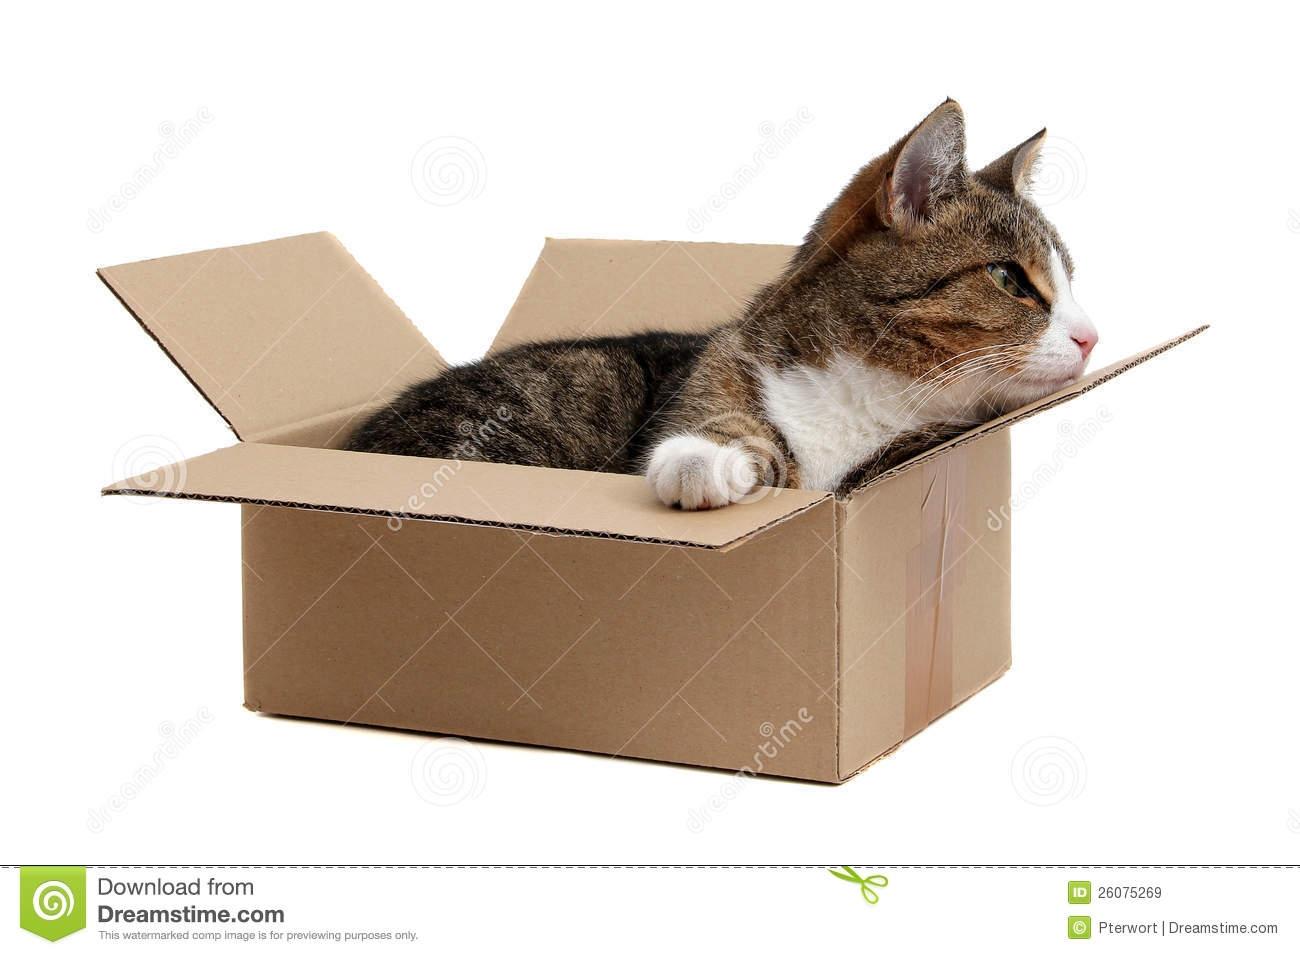 Box clipart cat In a Cat clipart box